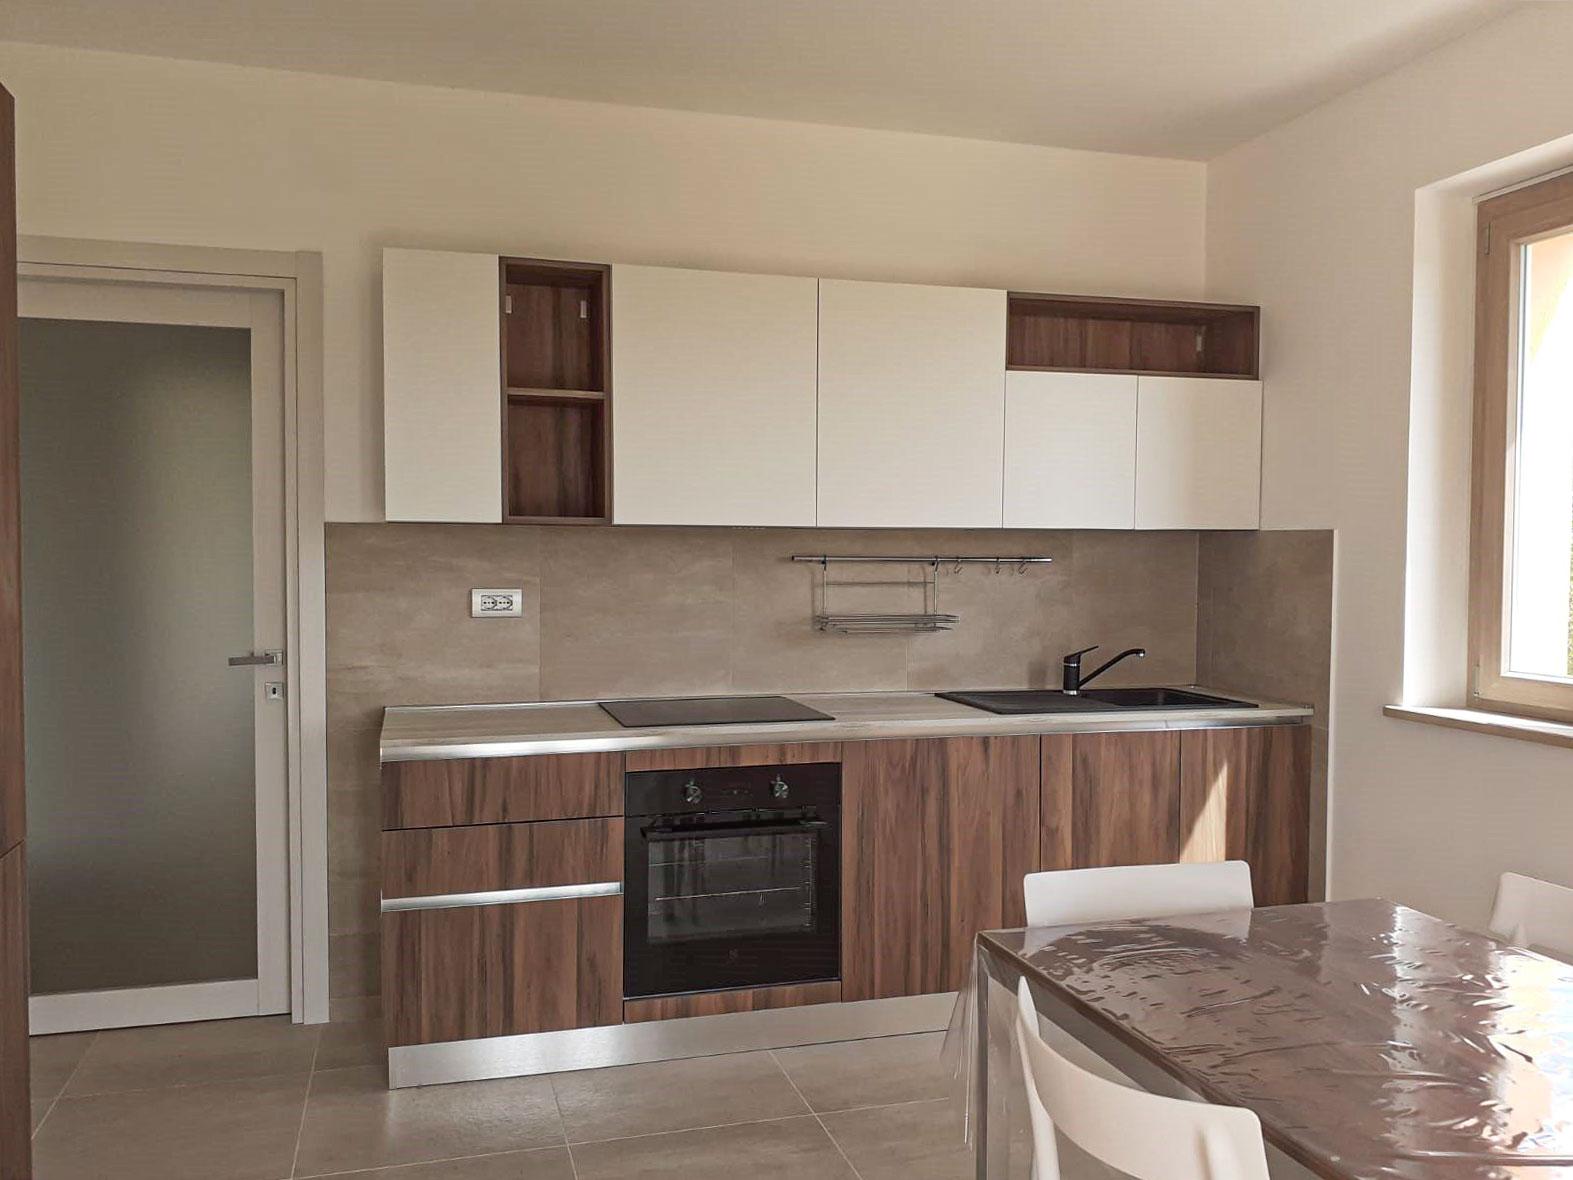 Appartamento recente costruzione con giardino, Contrada Valchiusa -Treia